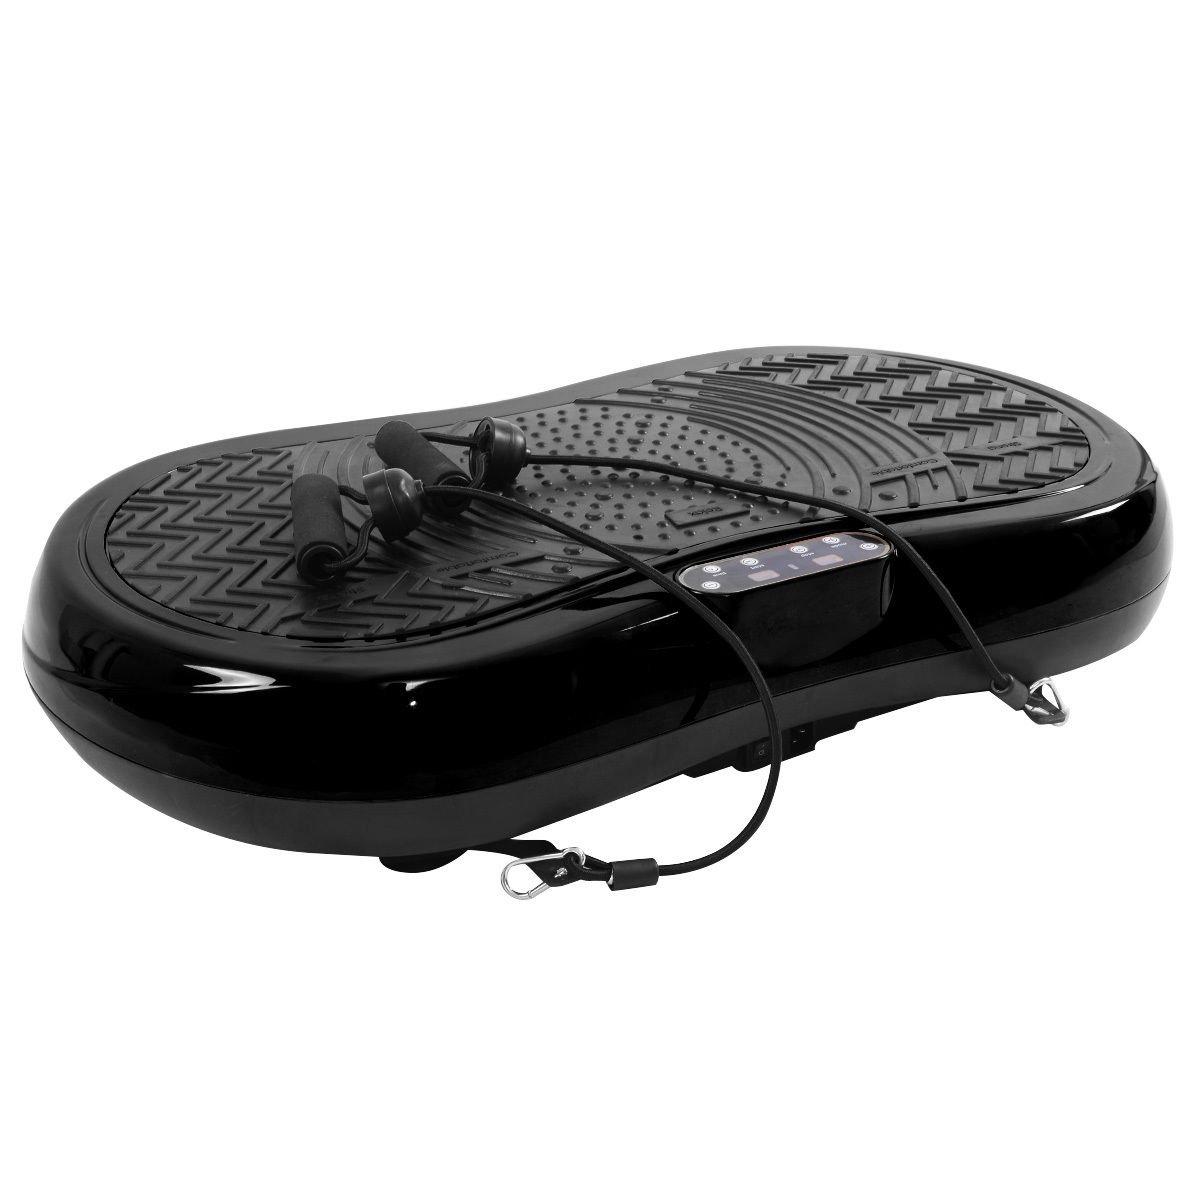 Tangkula Ultrathin Mini Crazy Fit Vibration Platform Massage Machine Fitness Gym (Black) by Tangkula (Image #2)